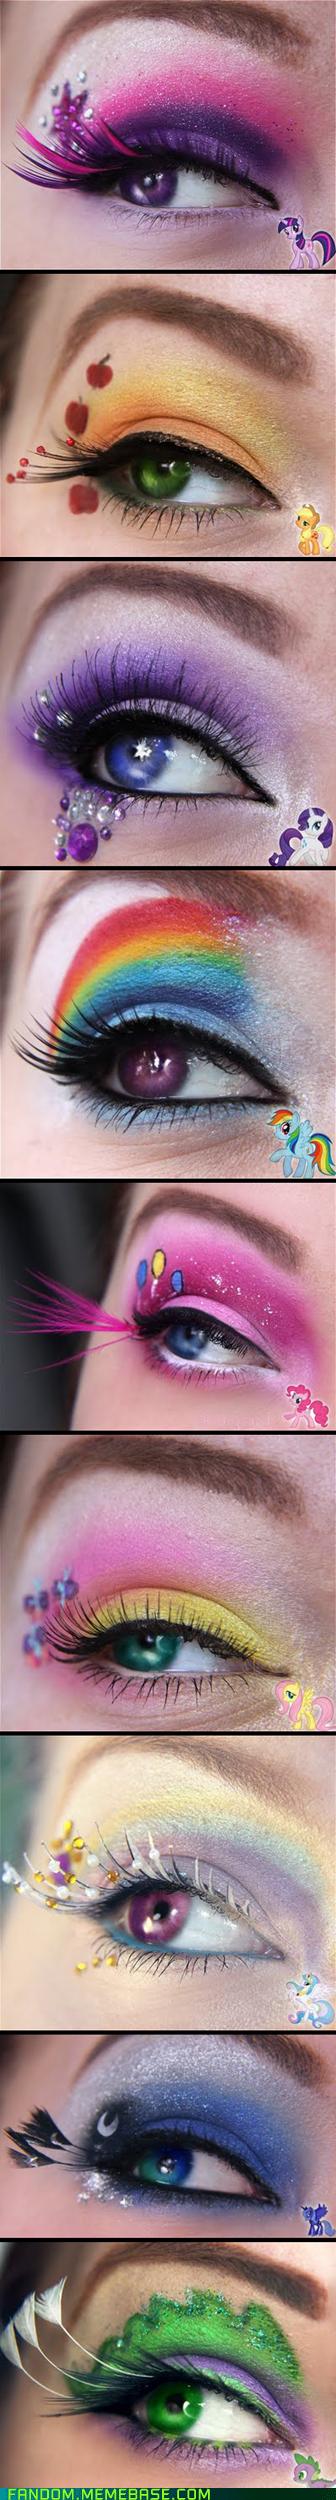 best of week Bronies cosplay makeup my little pony - 5591144704